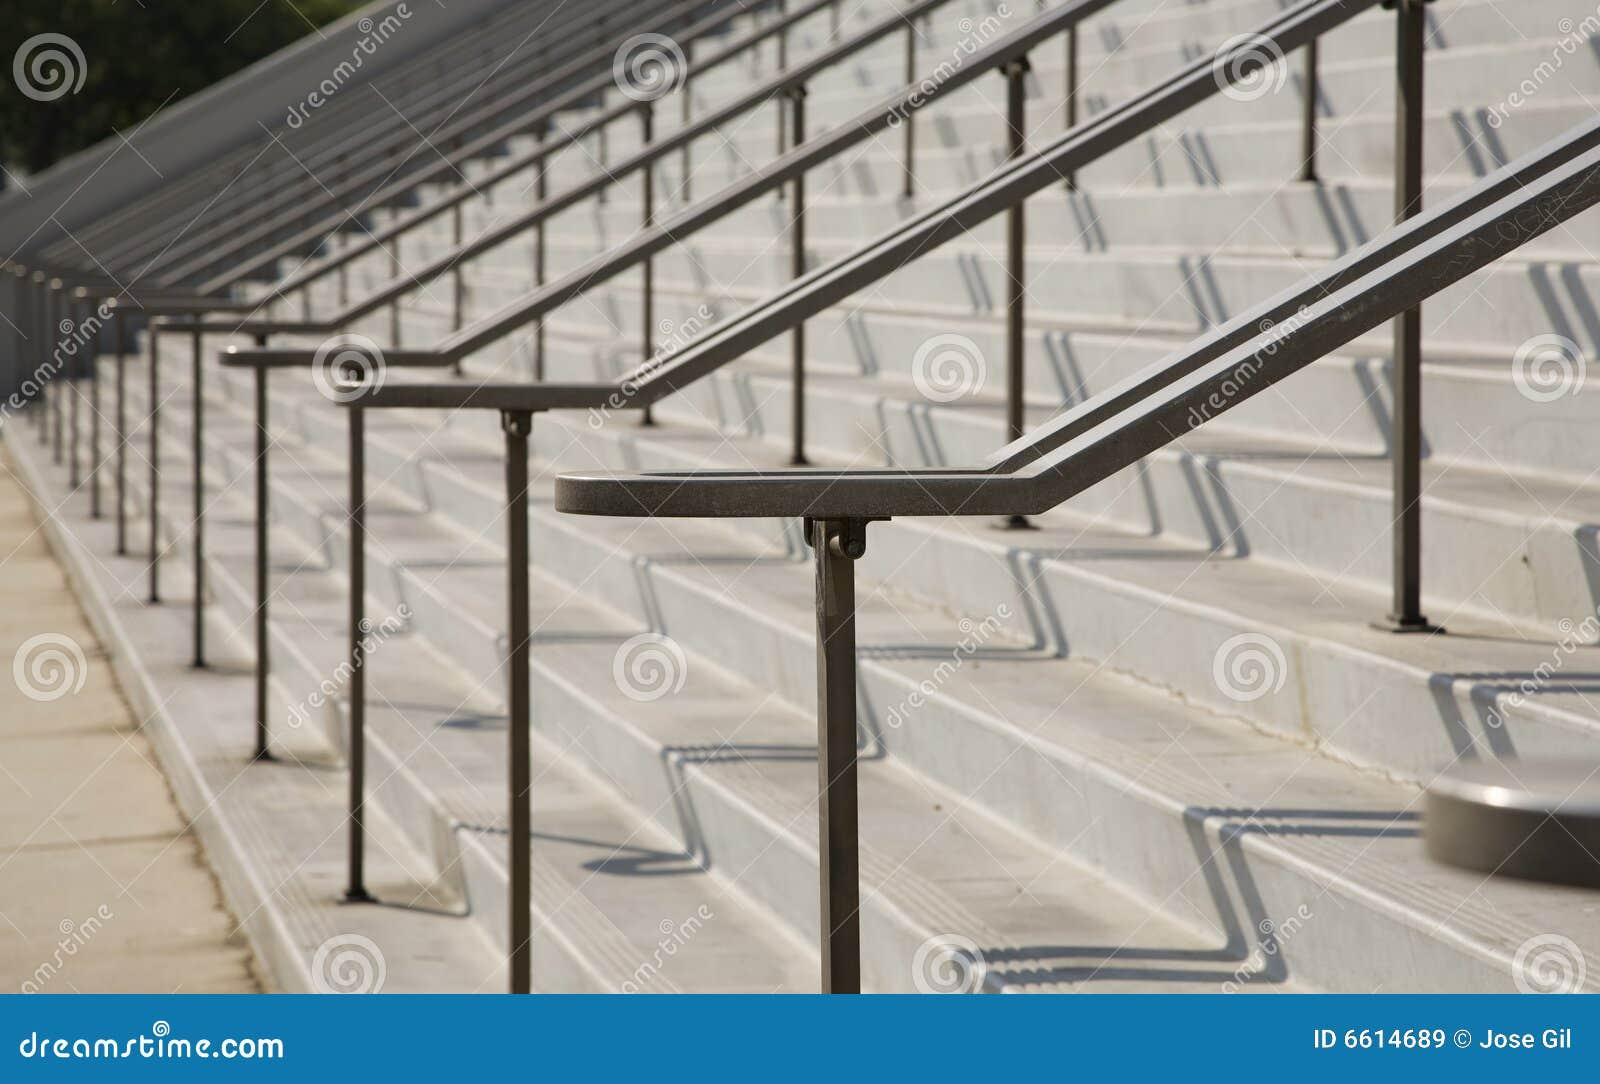 Escaleras al aire libre grandes im genes de archivo libres - Escaleras al aire ...